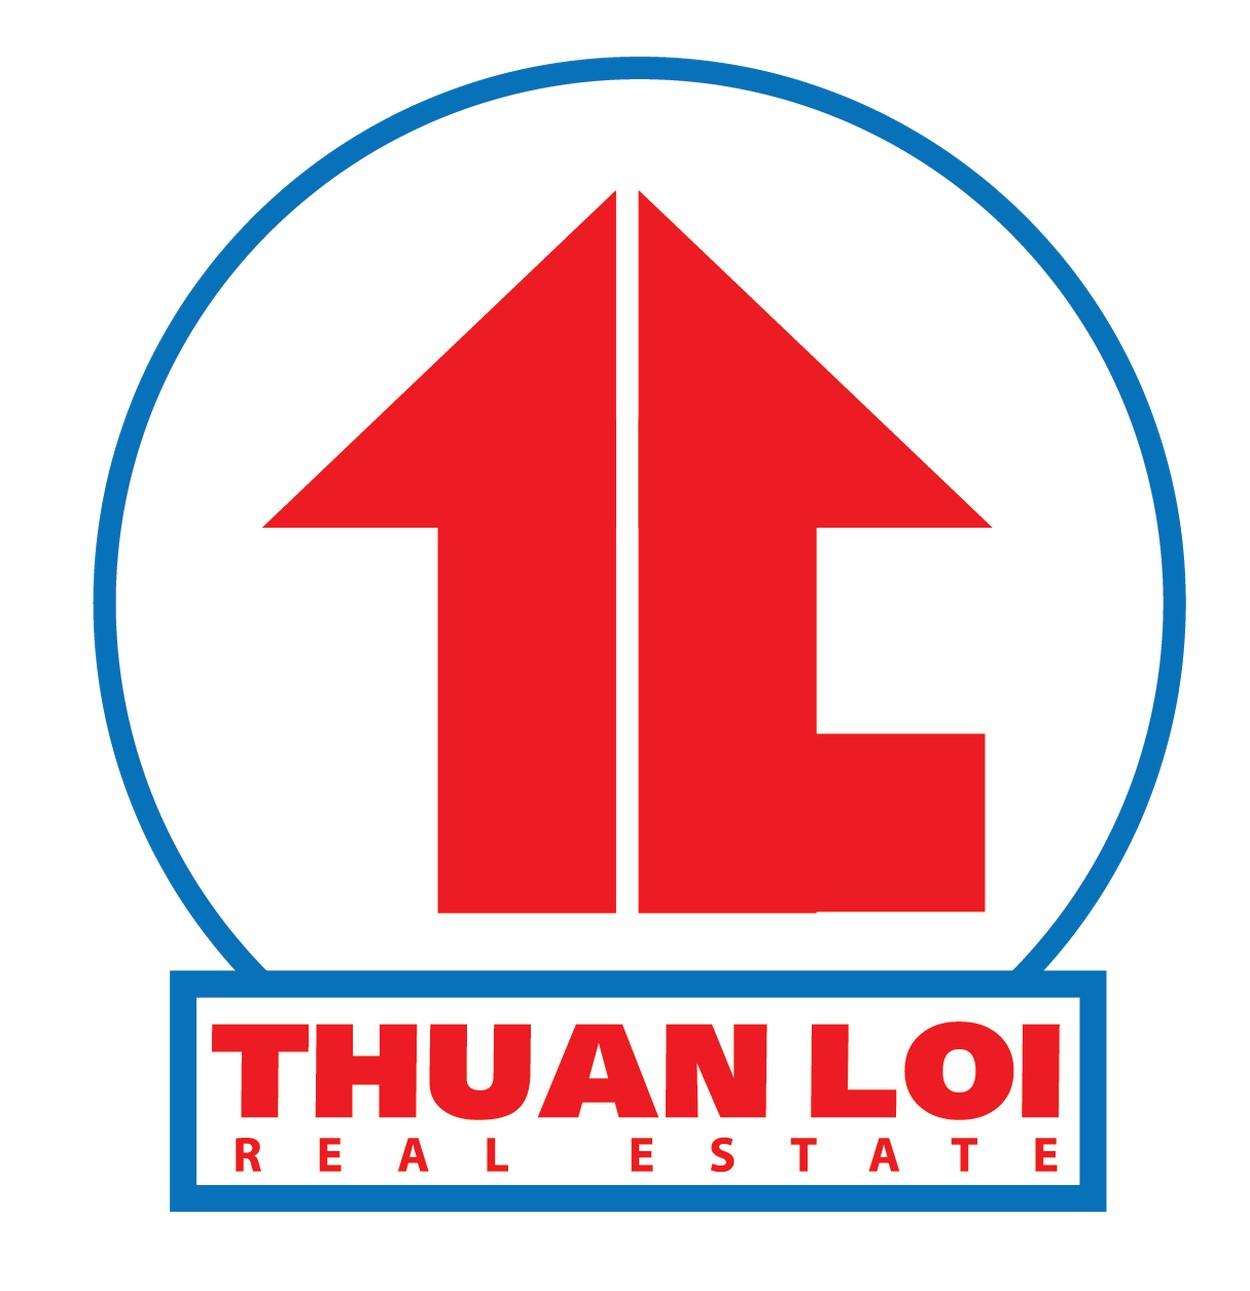 DỰ ÁN ĐẤT NỀN CENTURY CITY LONG THÀNH mua ban cho thue du an can ho chung cu century city long thanh1 1